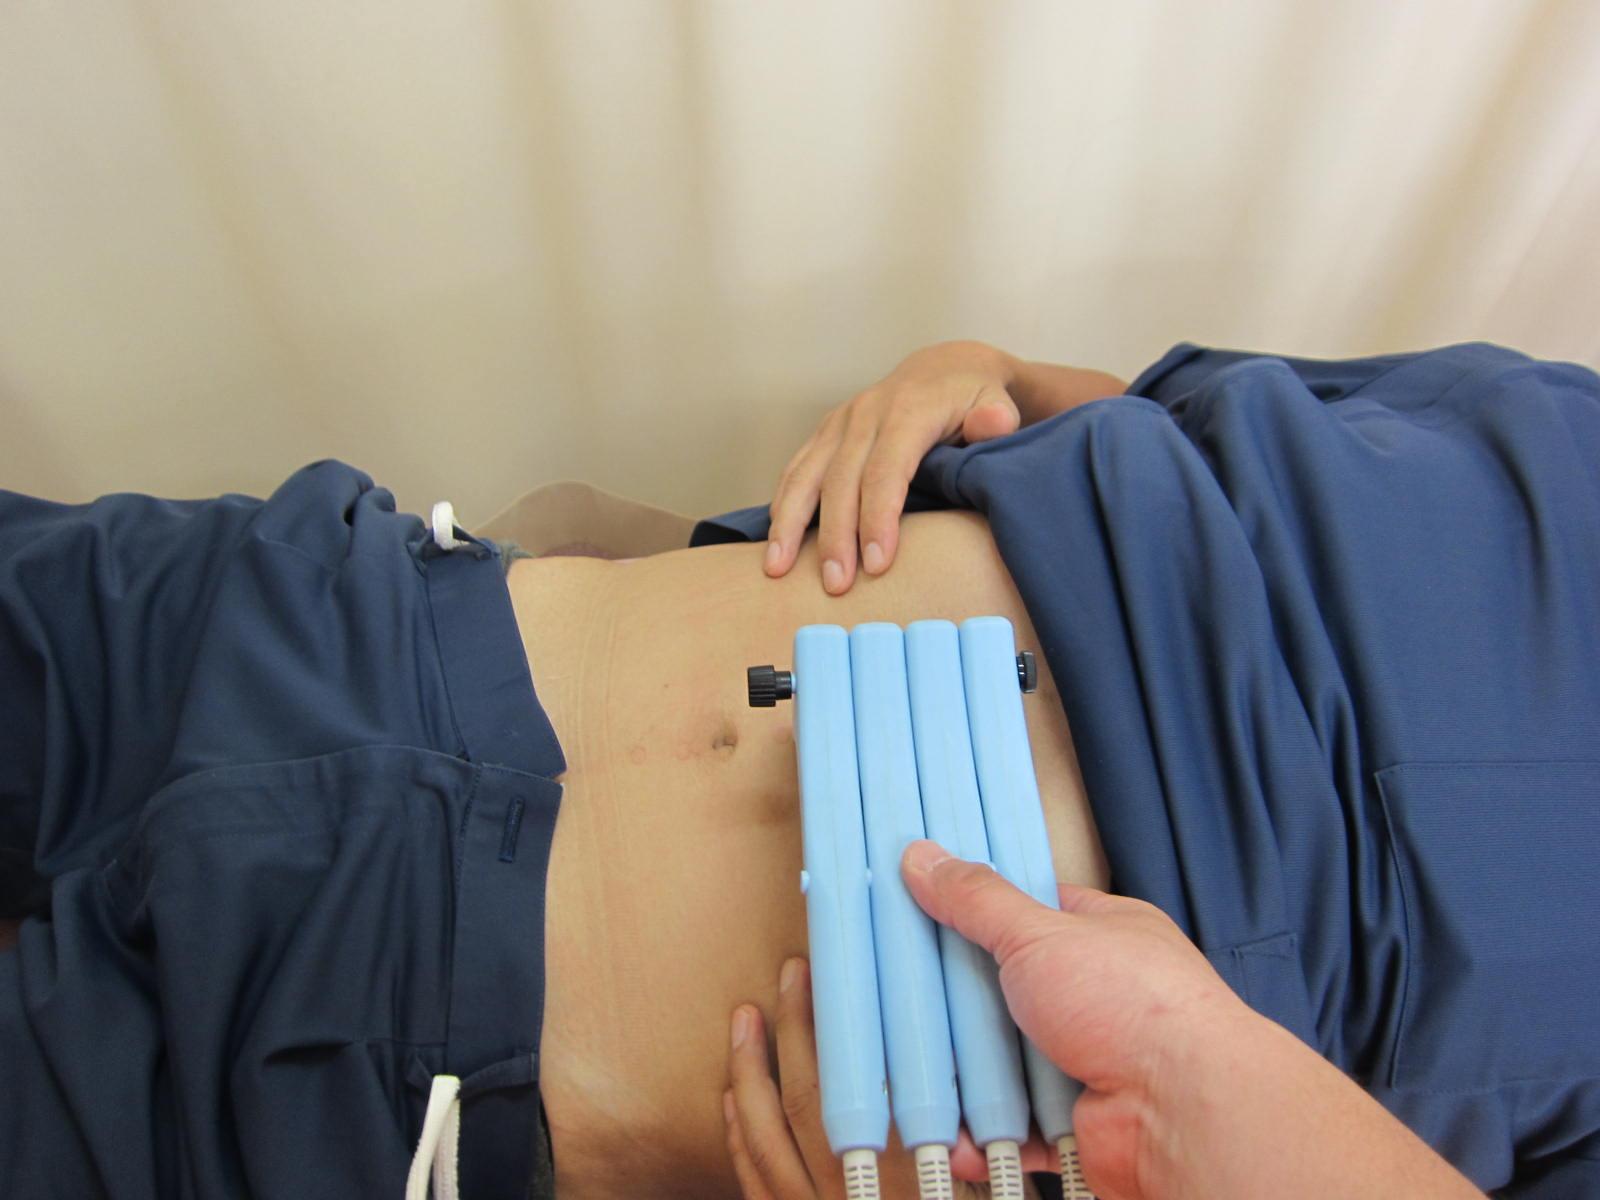 膝が痛い男性が遠絡(えんらく)療法の治療をしている写真